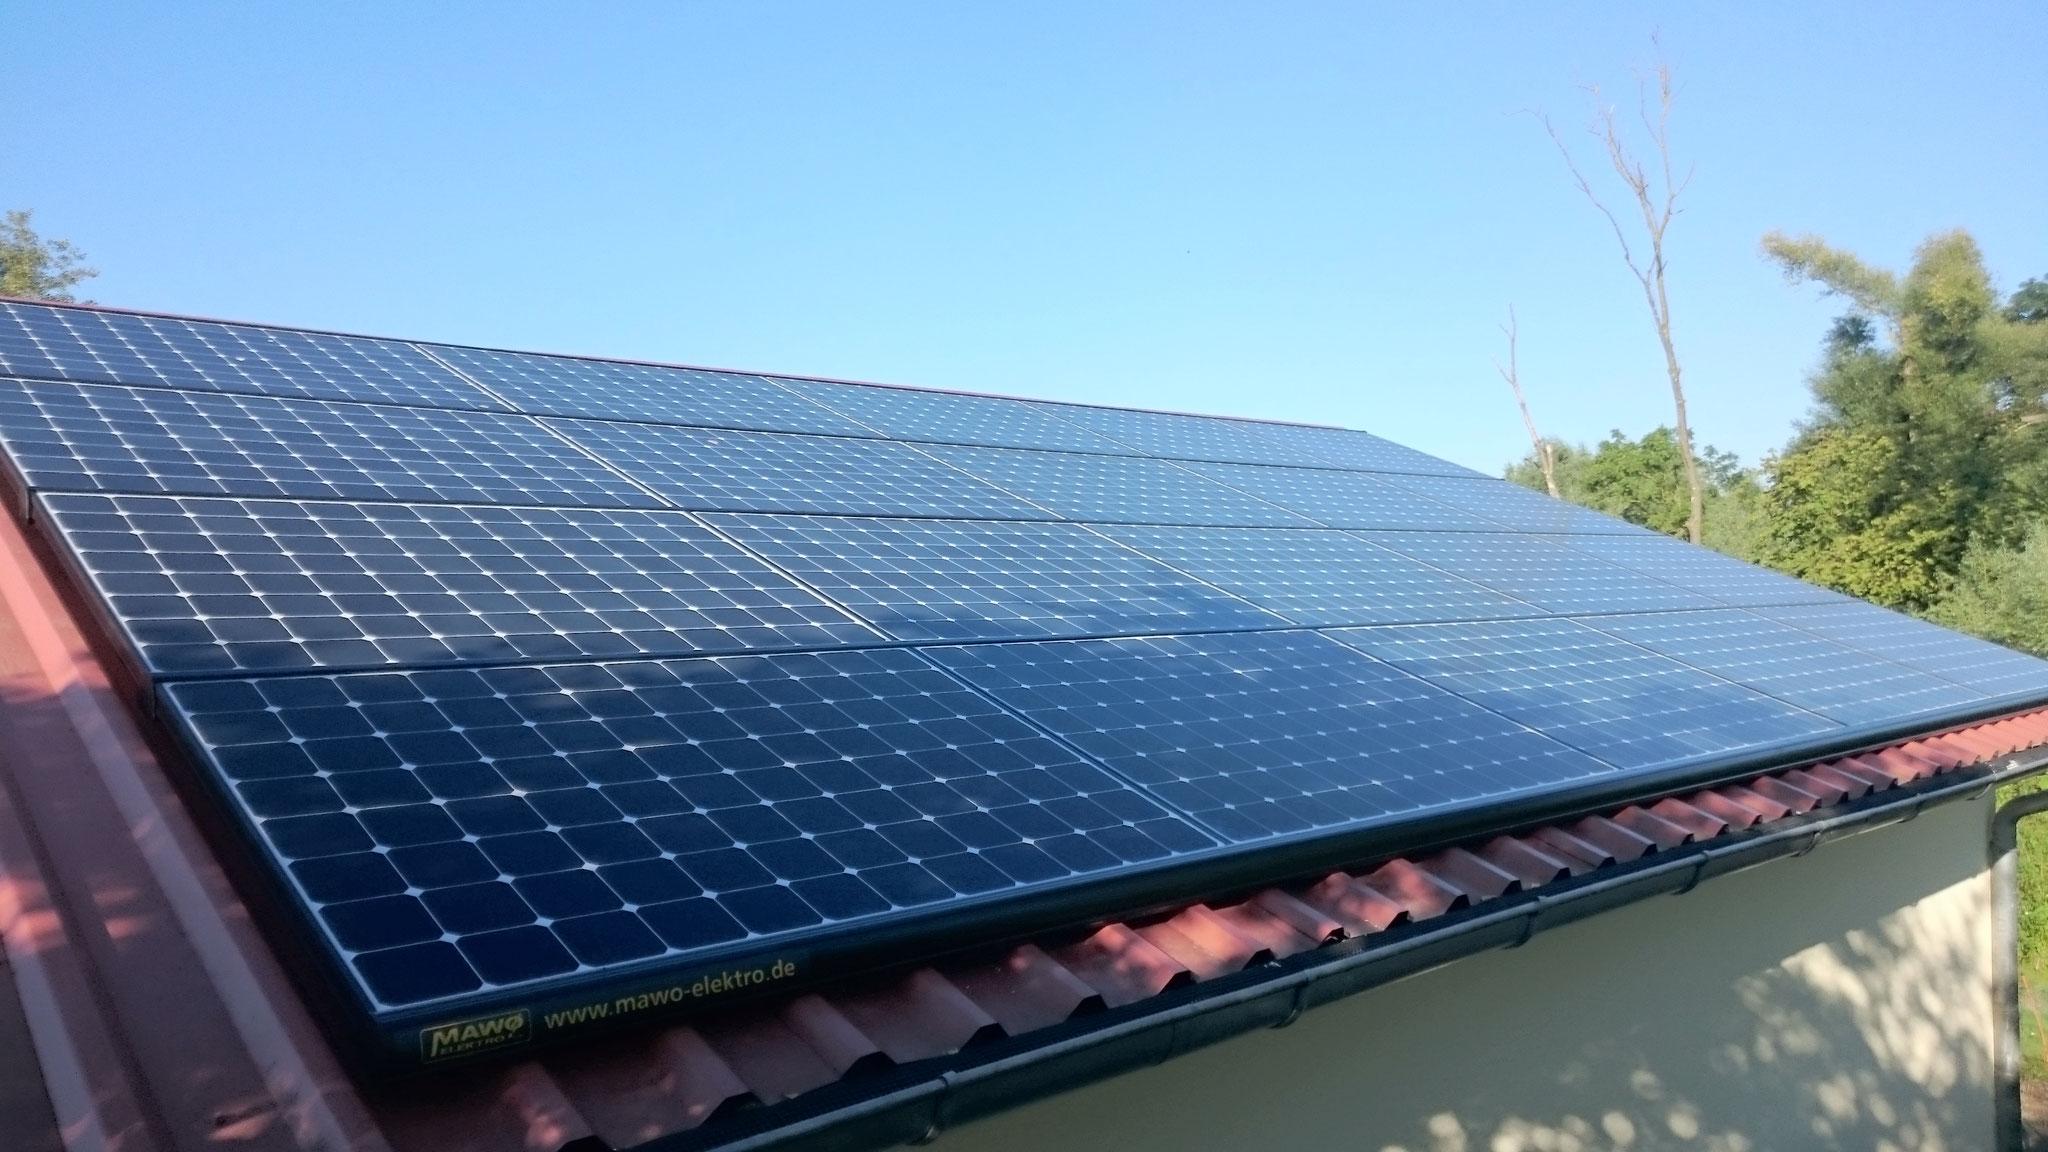 26,16 kWp Sunpower mit Solaredge Wechselrichter SÜD inkl. Speicher und Cloud in Bützow